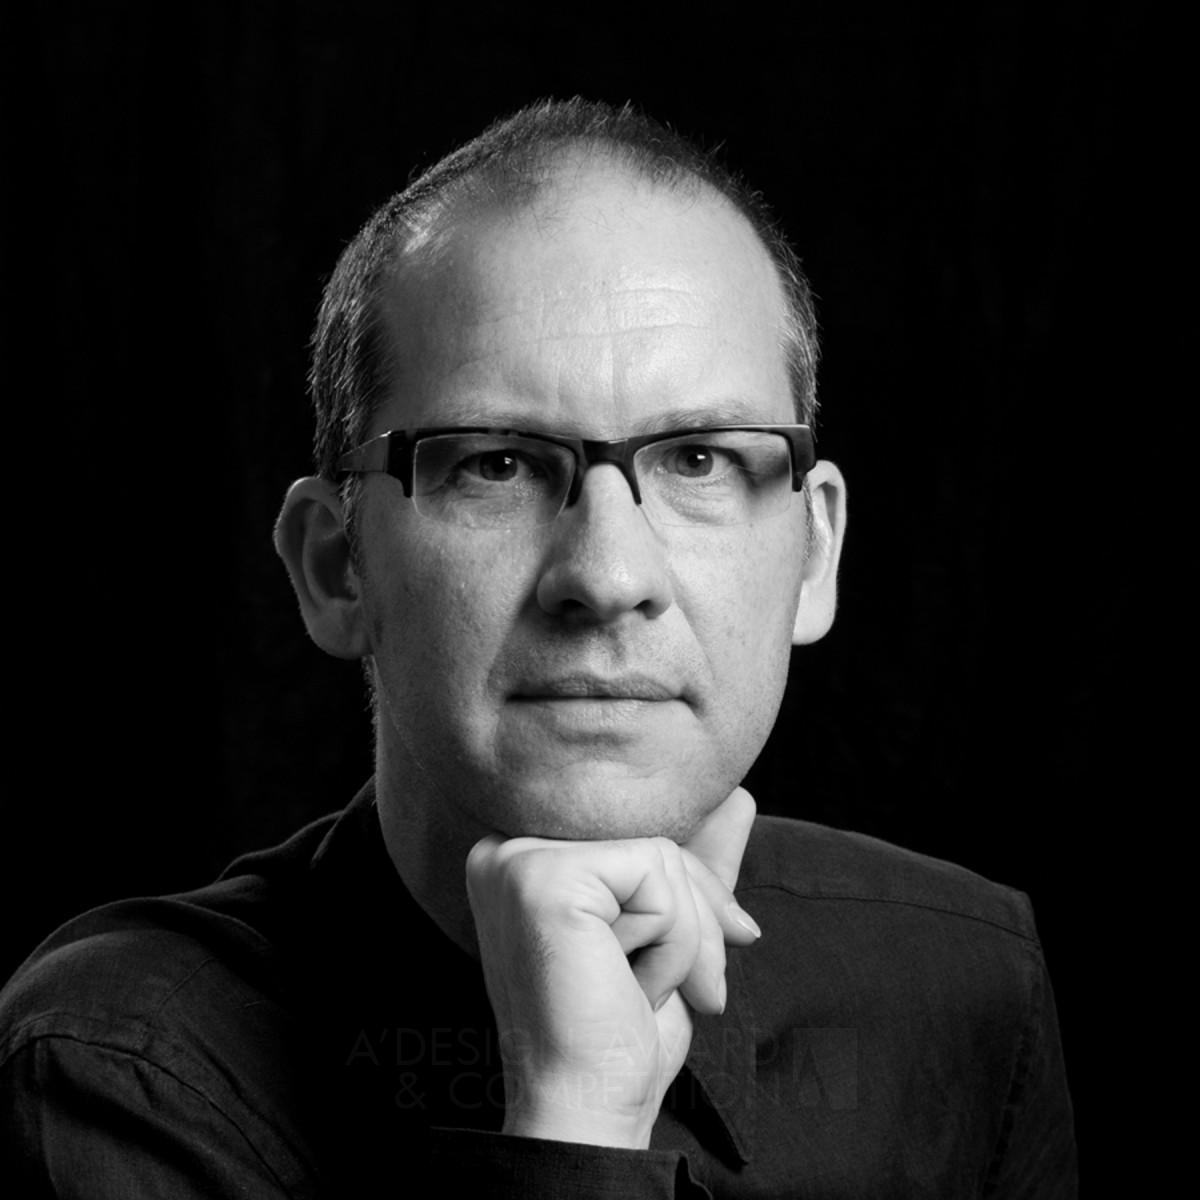 Eckhard Beger